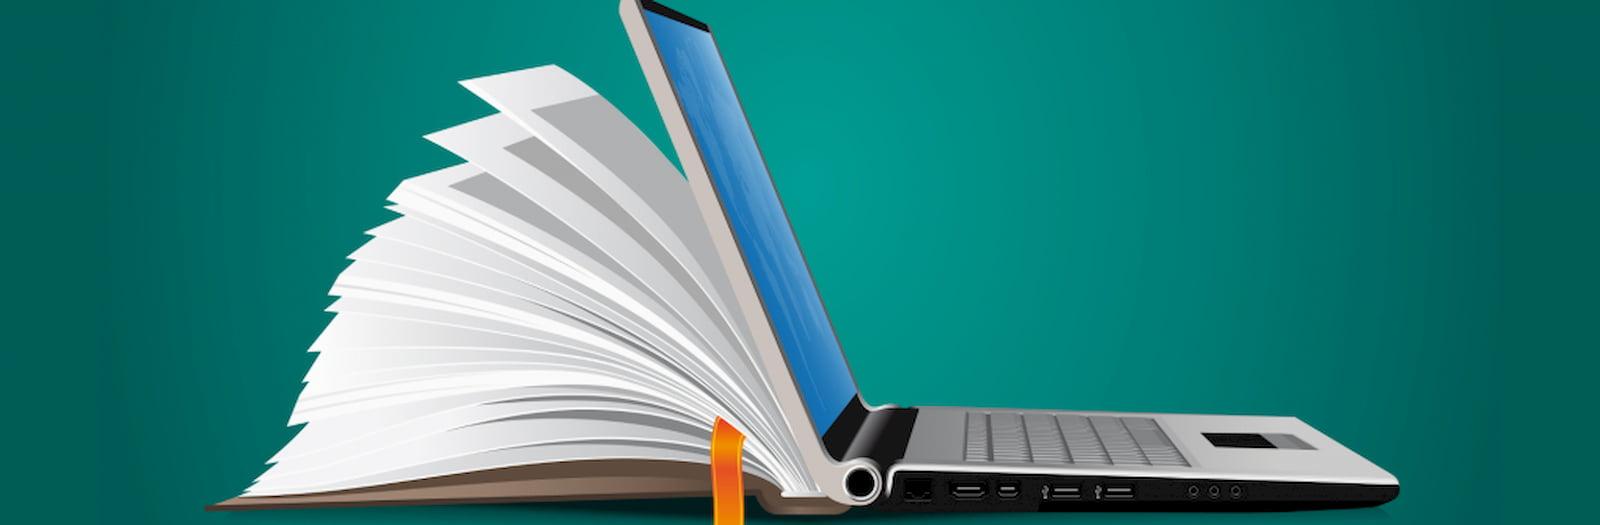 E-LEARNING: FUNZIONALE O EFFICACE?